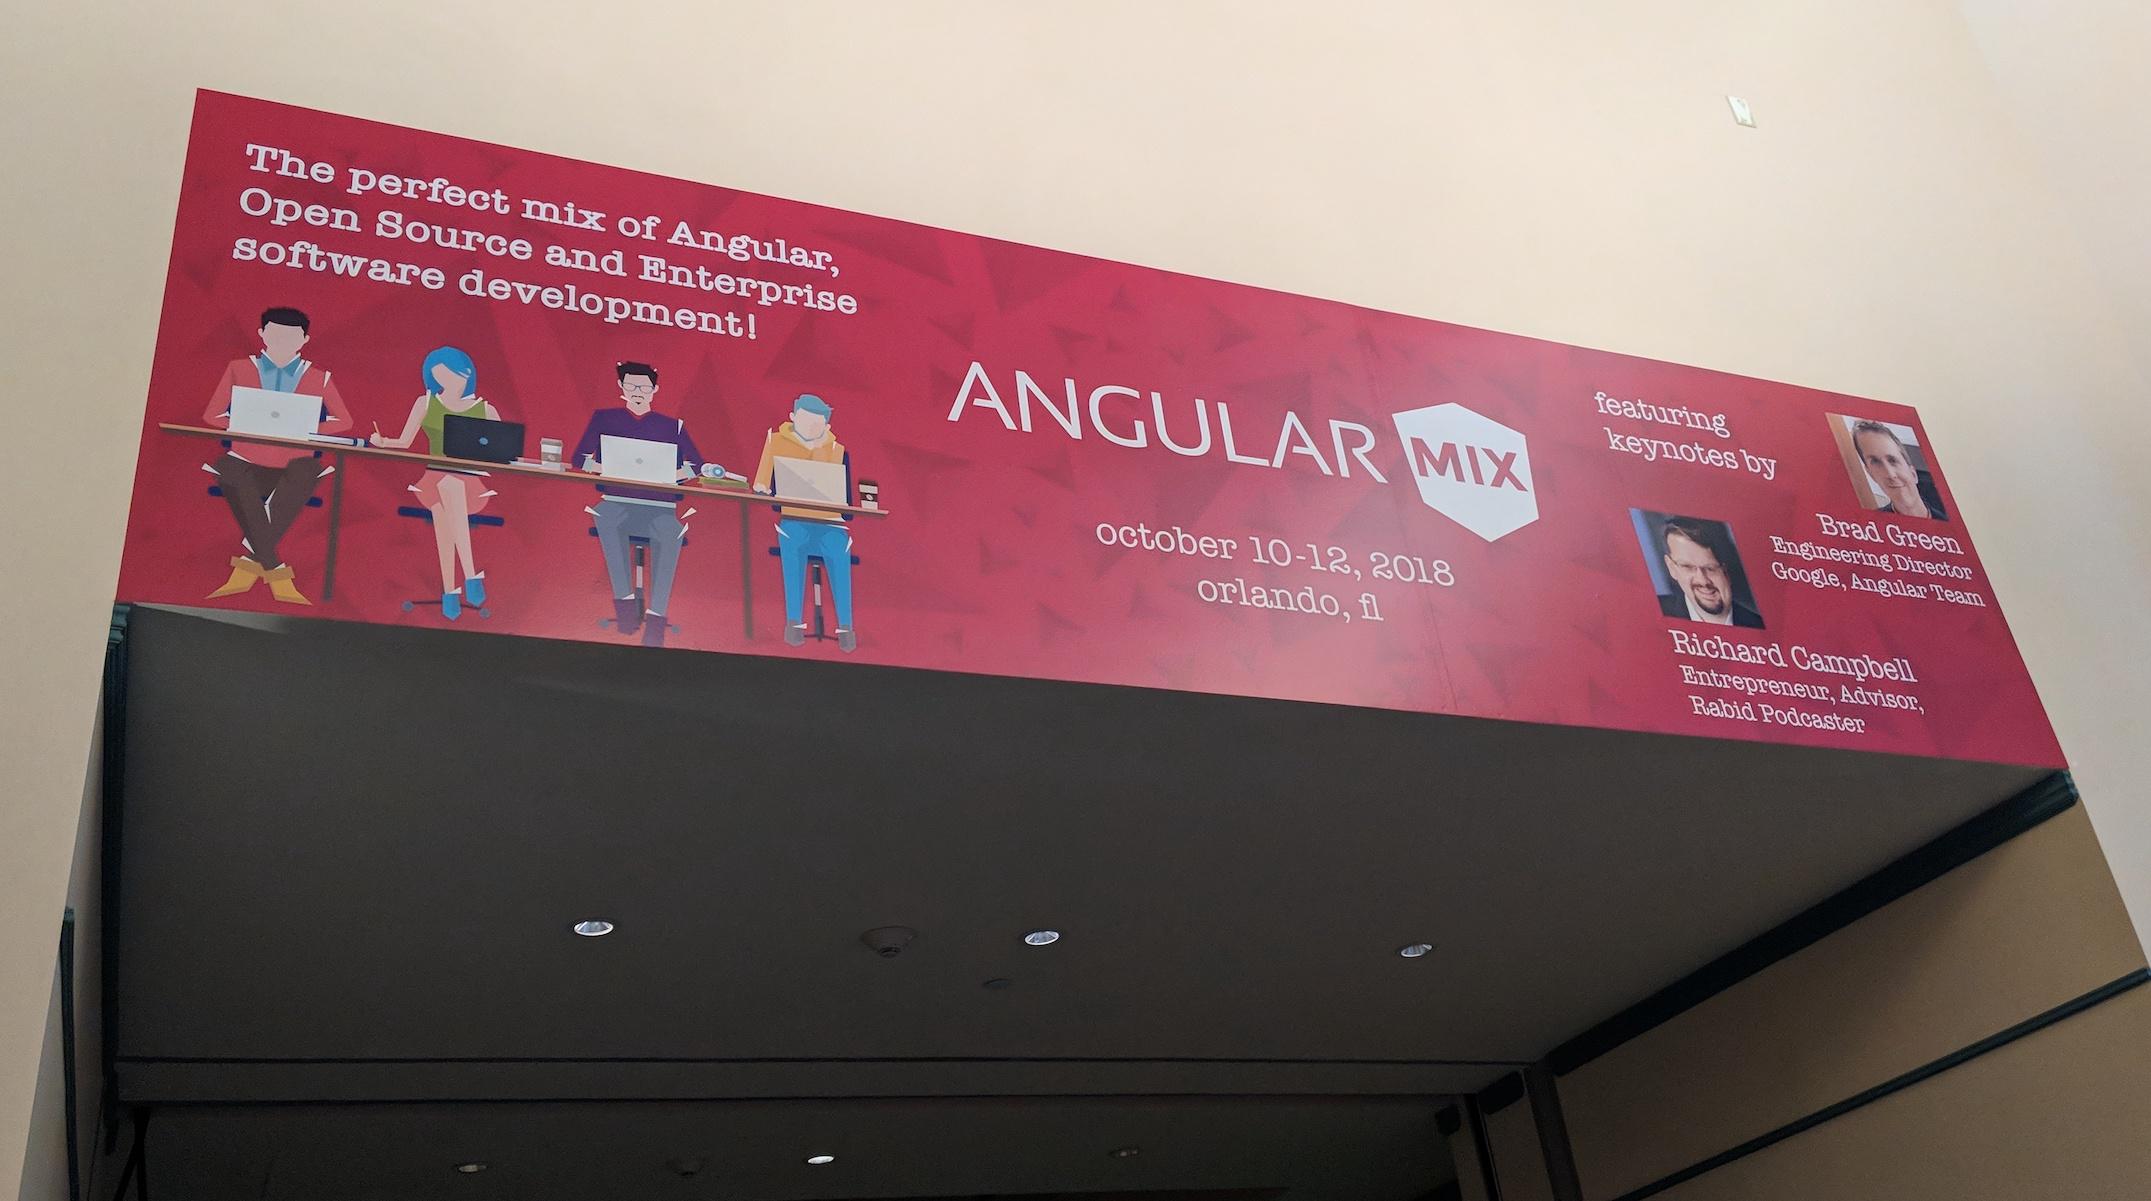 AngularMix banner